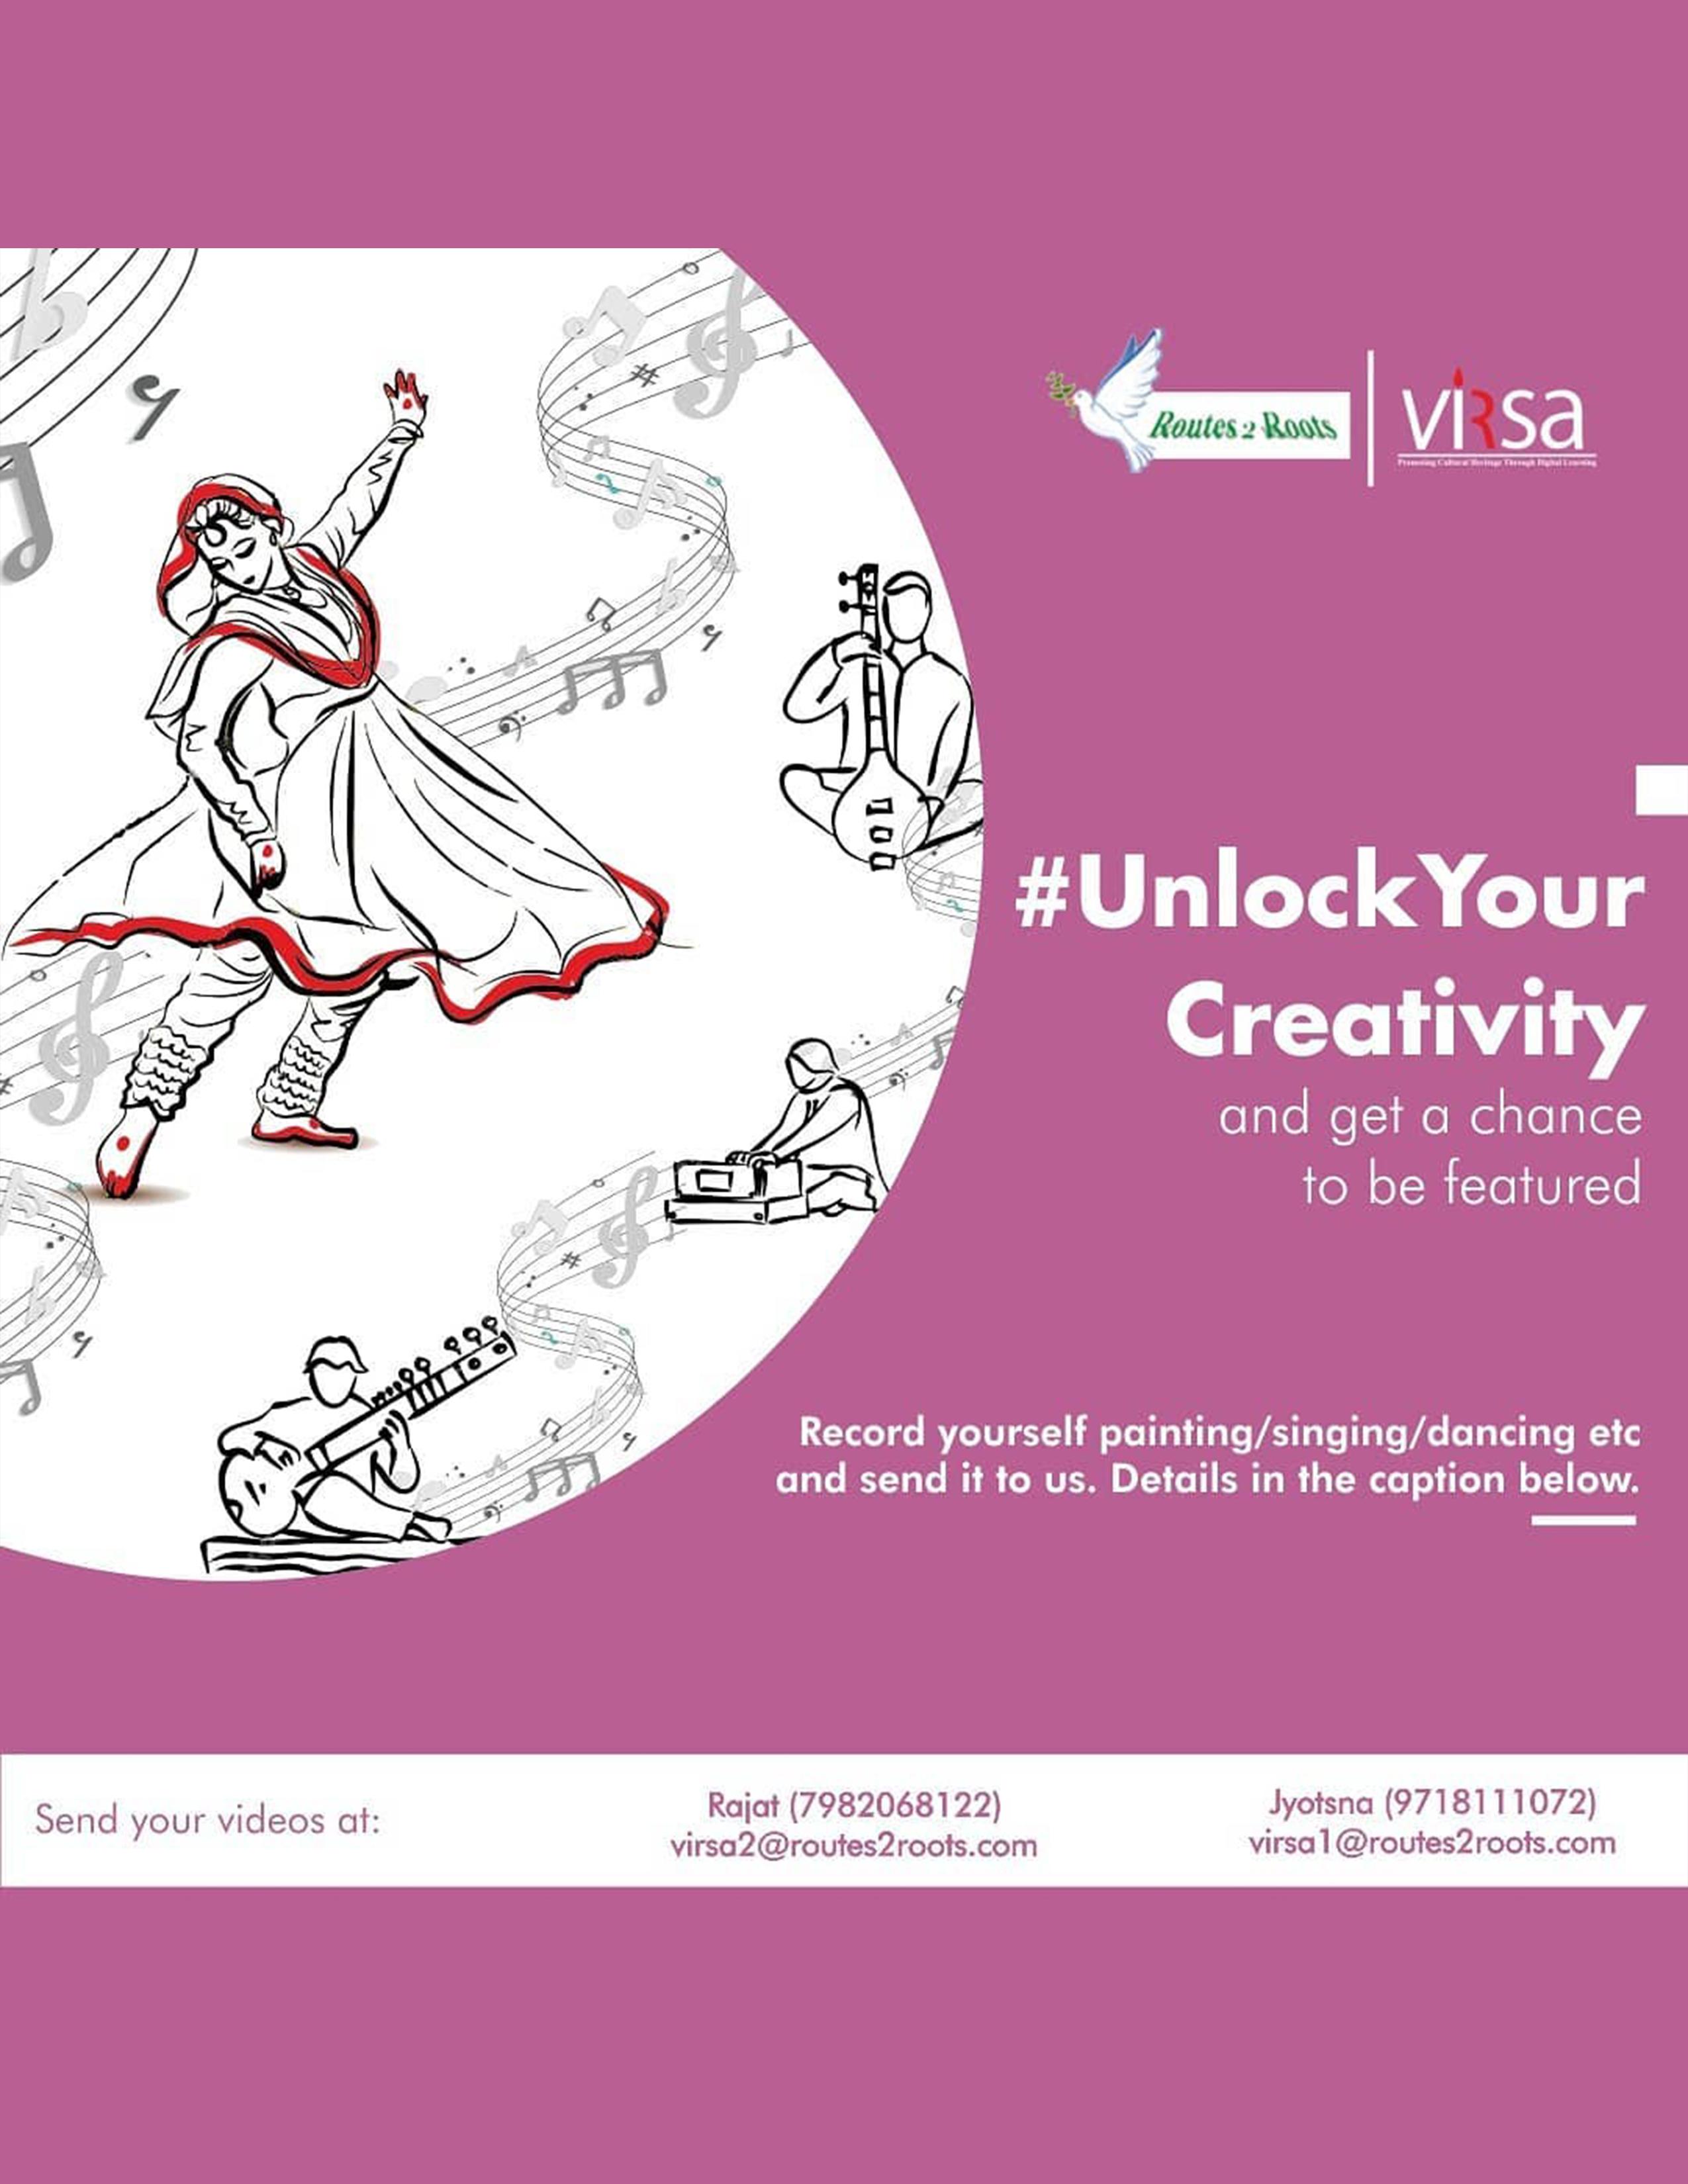 #UnlockYourCreativity